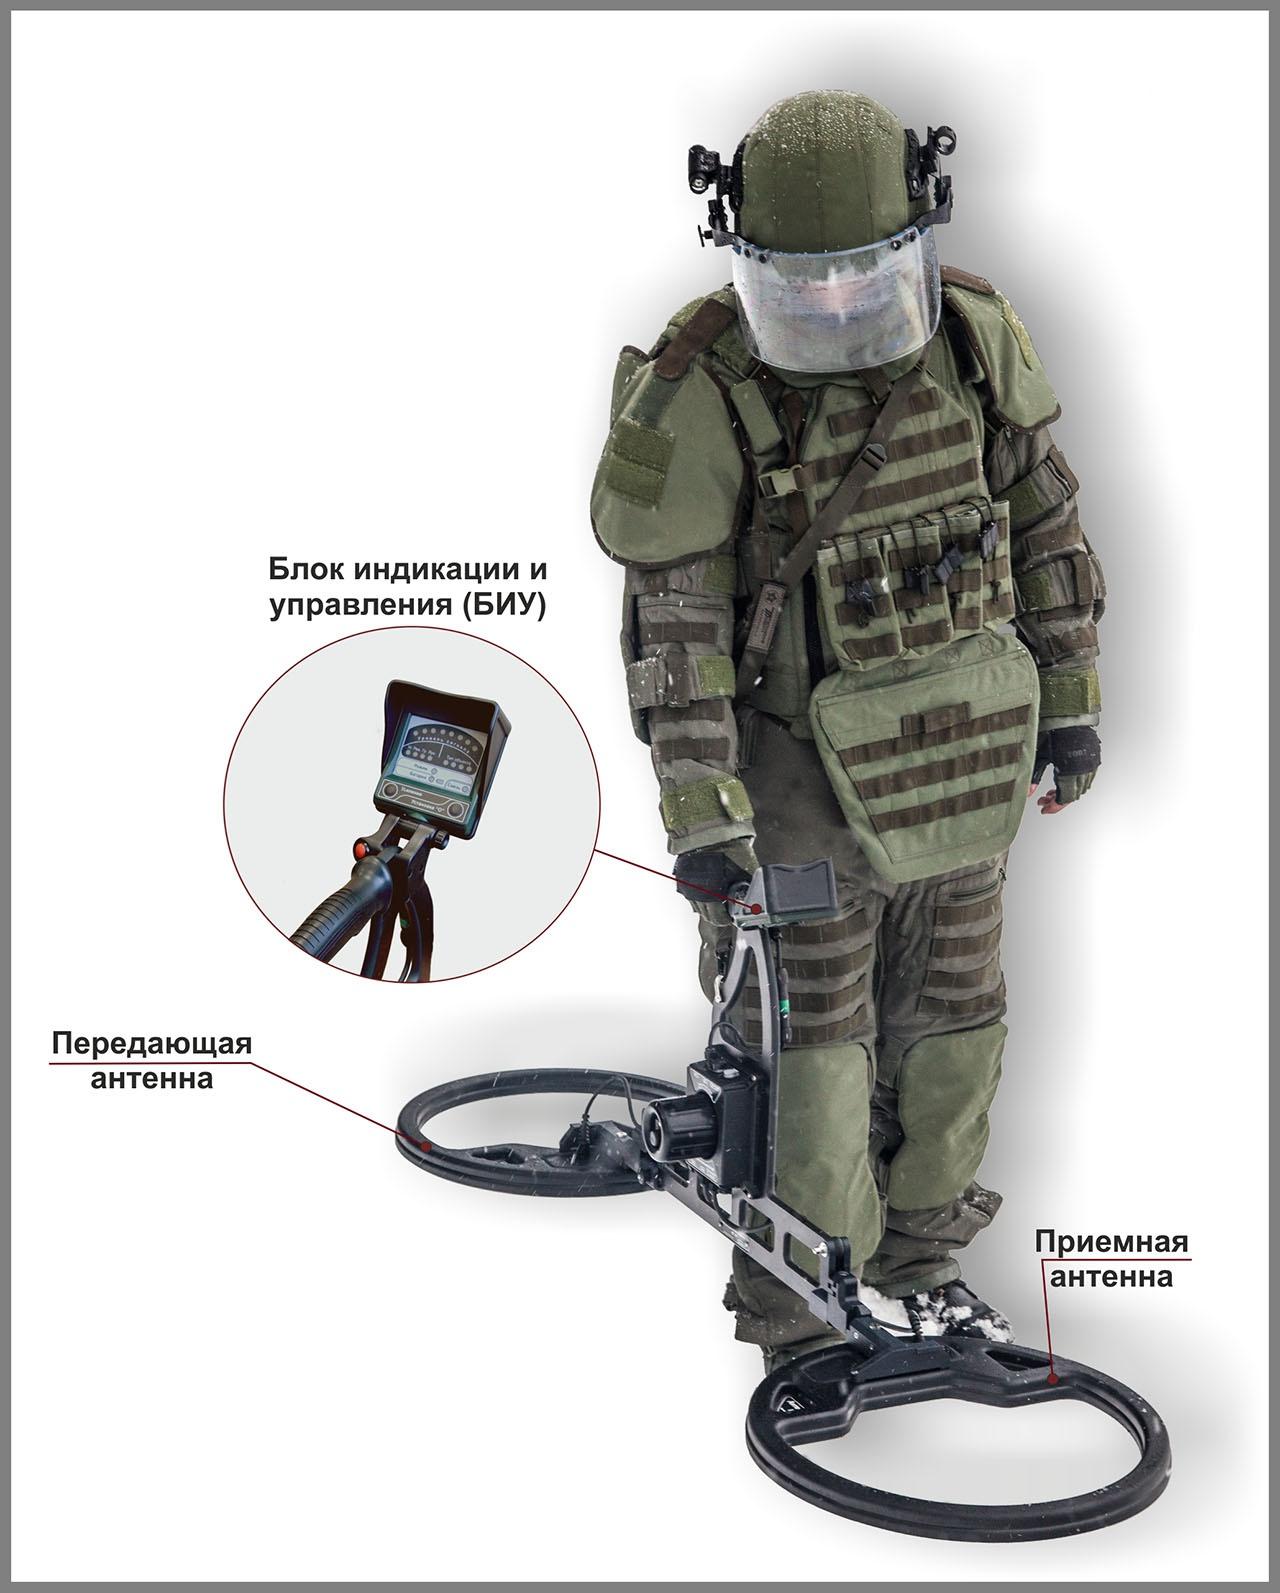 Металлодетектор глубинный МГ-1И для обнаружения заглубленных боеприпасов крупных и средних размеров.